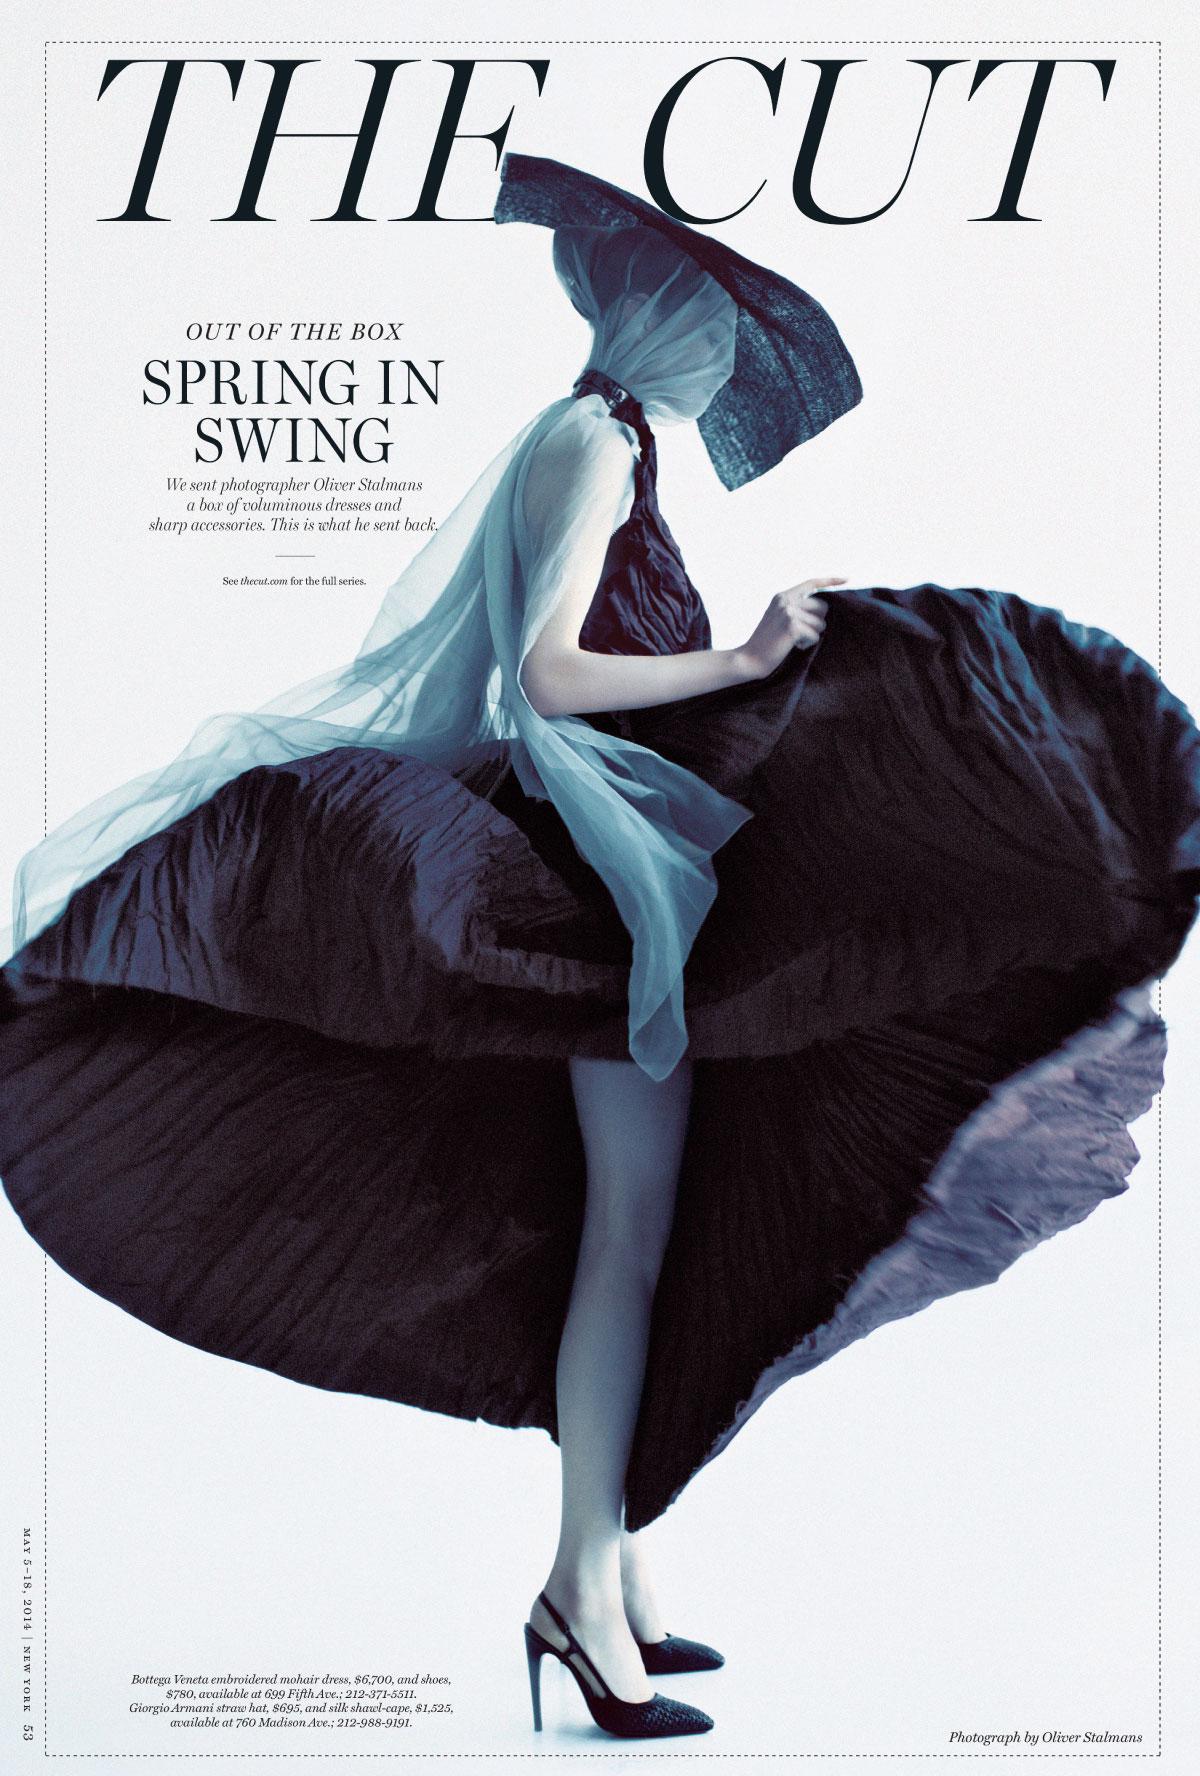 Spring in Swing